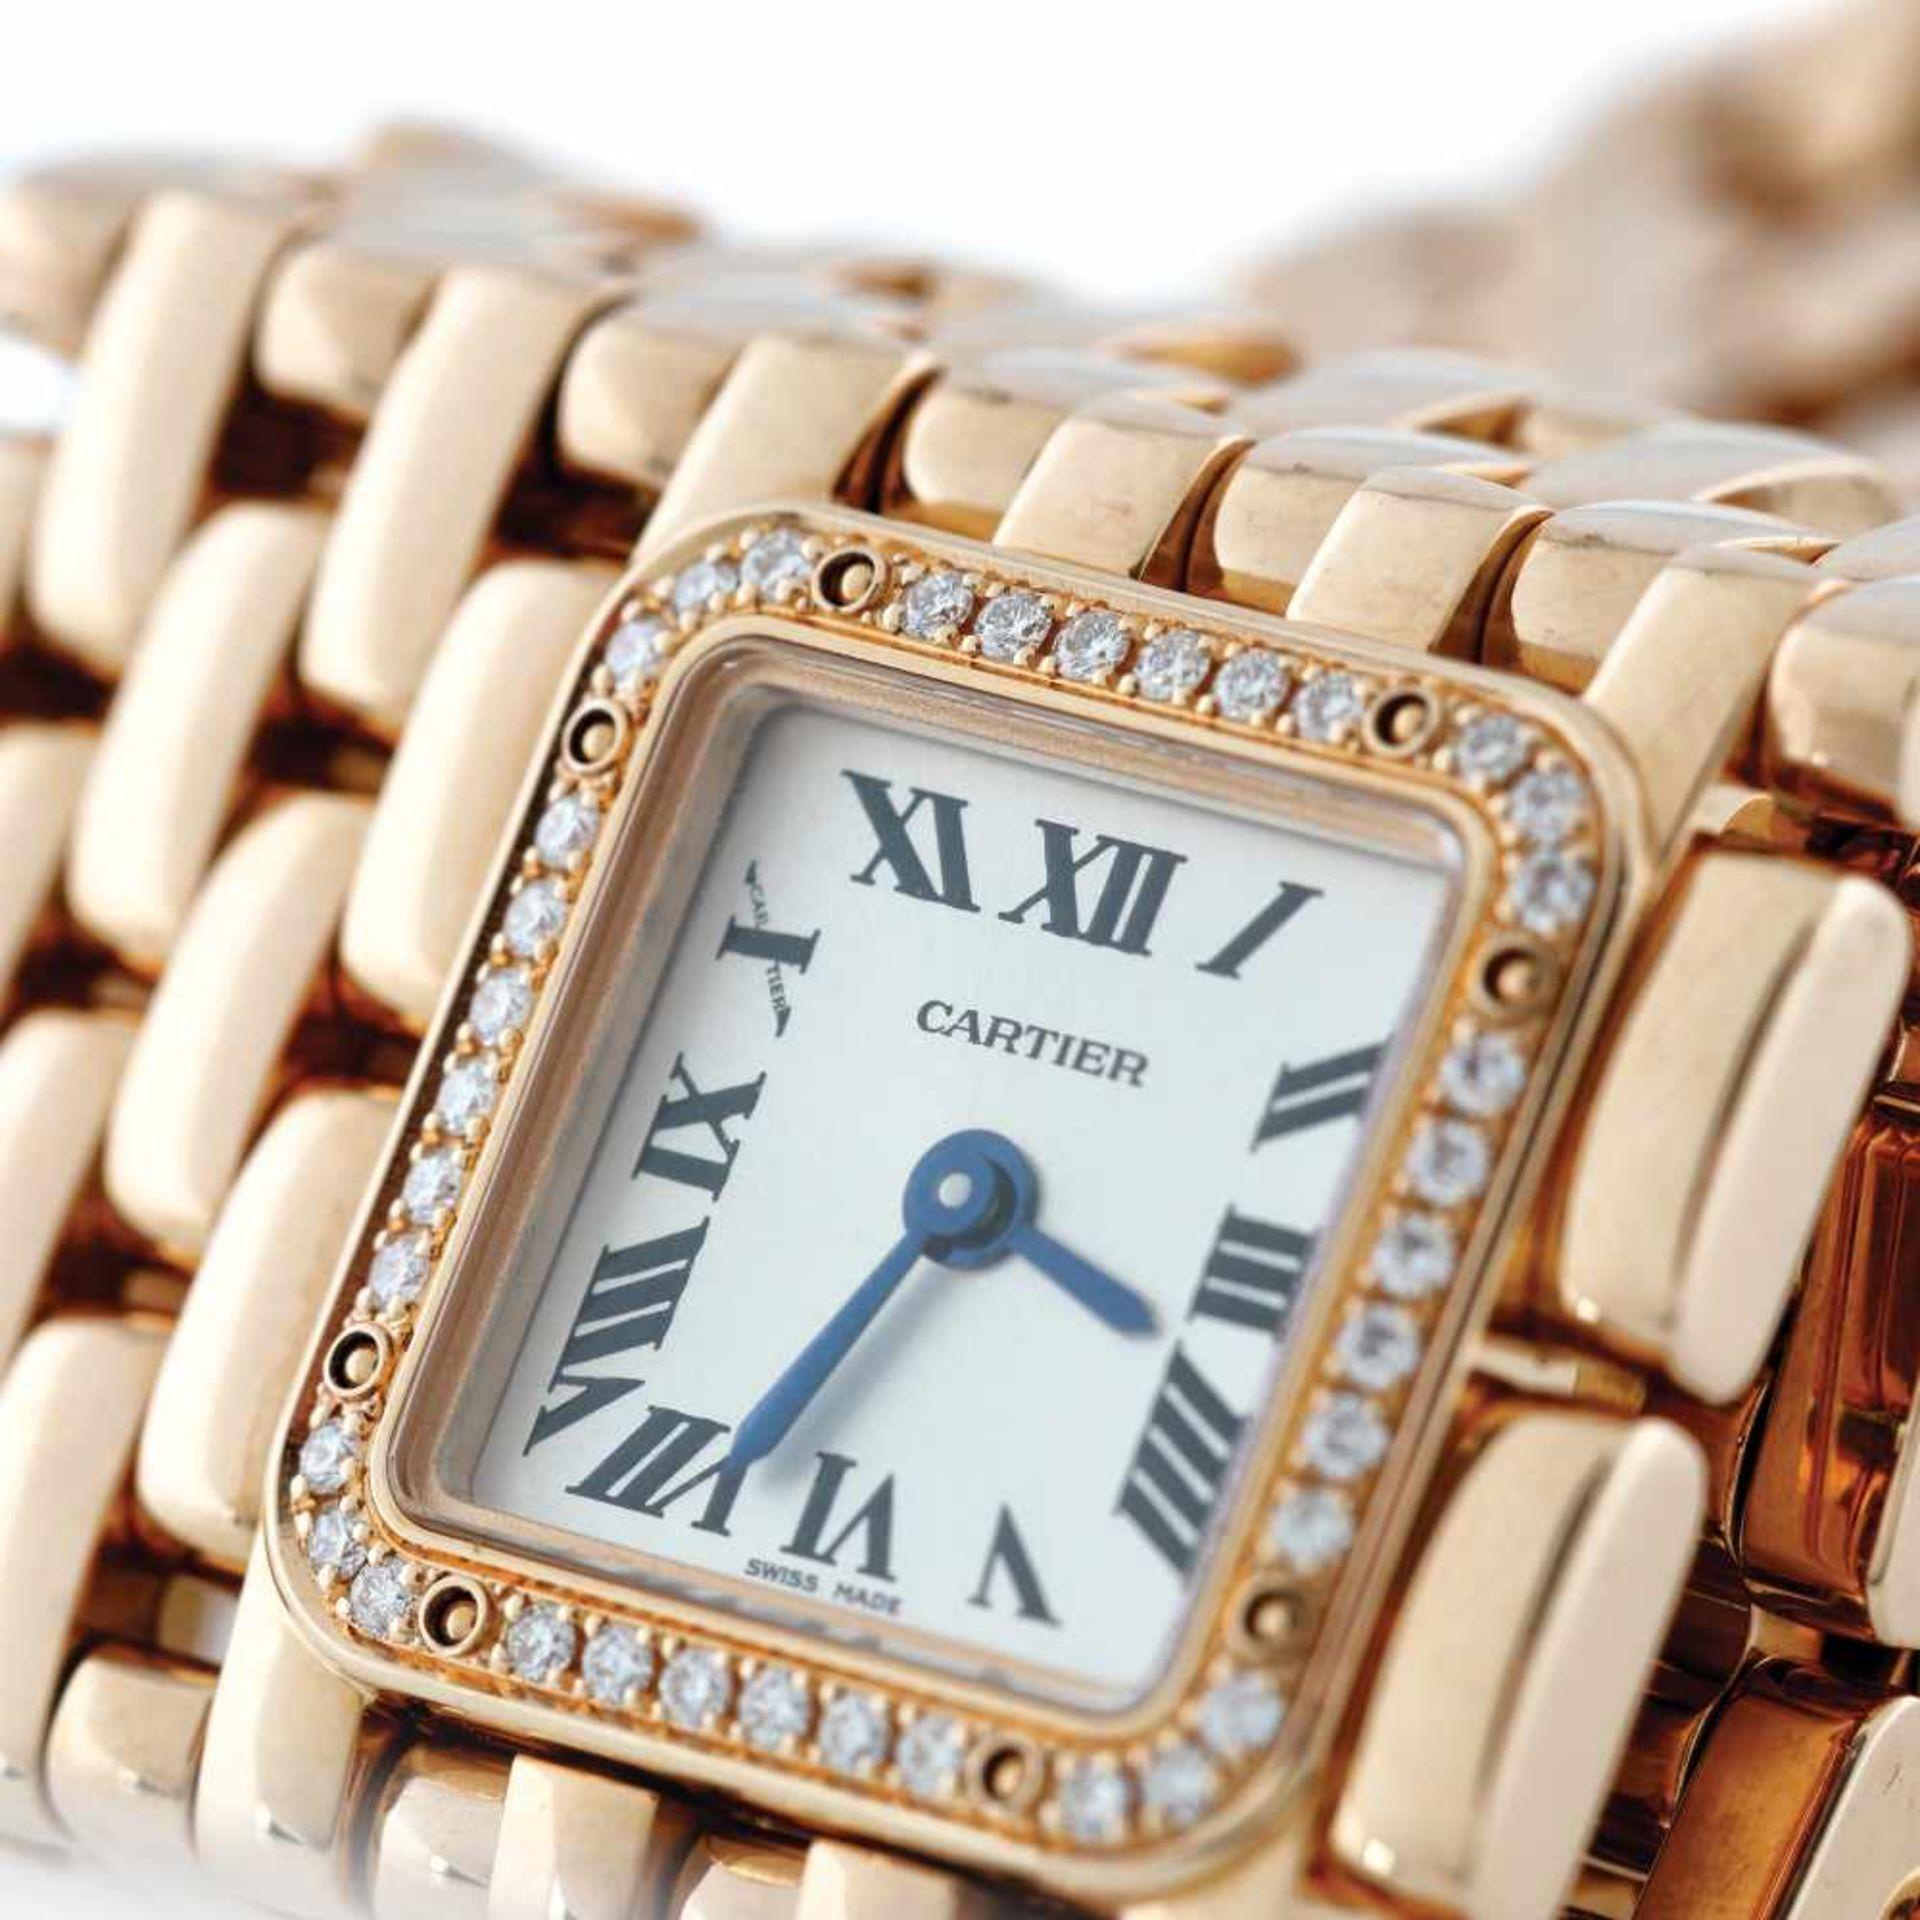 Panthère de Cartier Manchette bracelet watch, rare, gold, women, decorated with diamonds, provenanc - Bild 6 aus 6